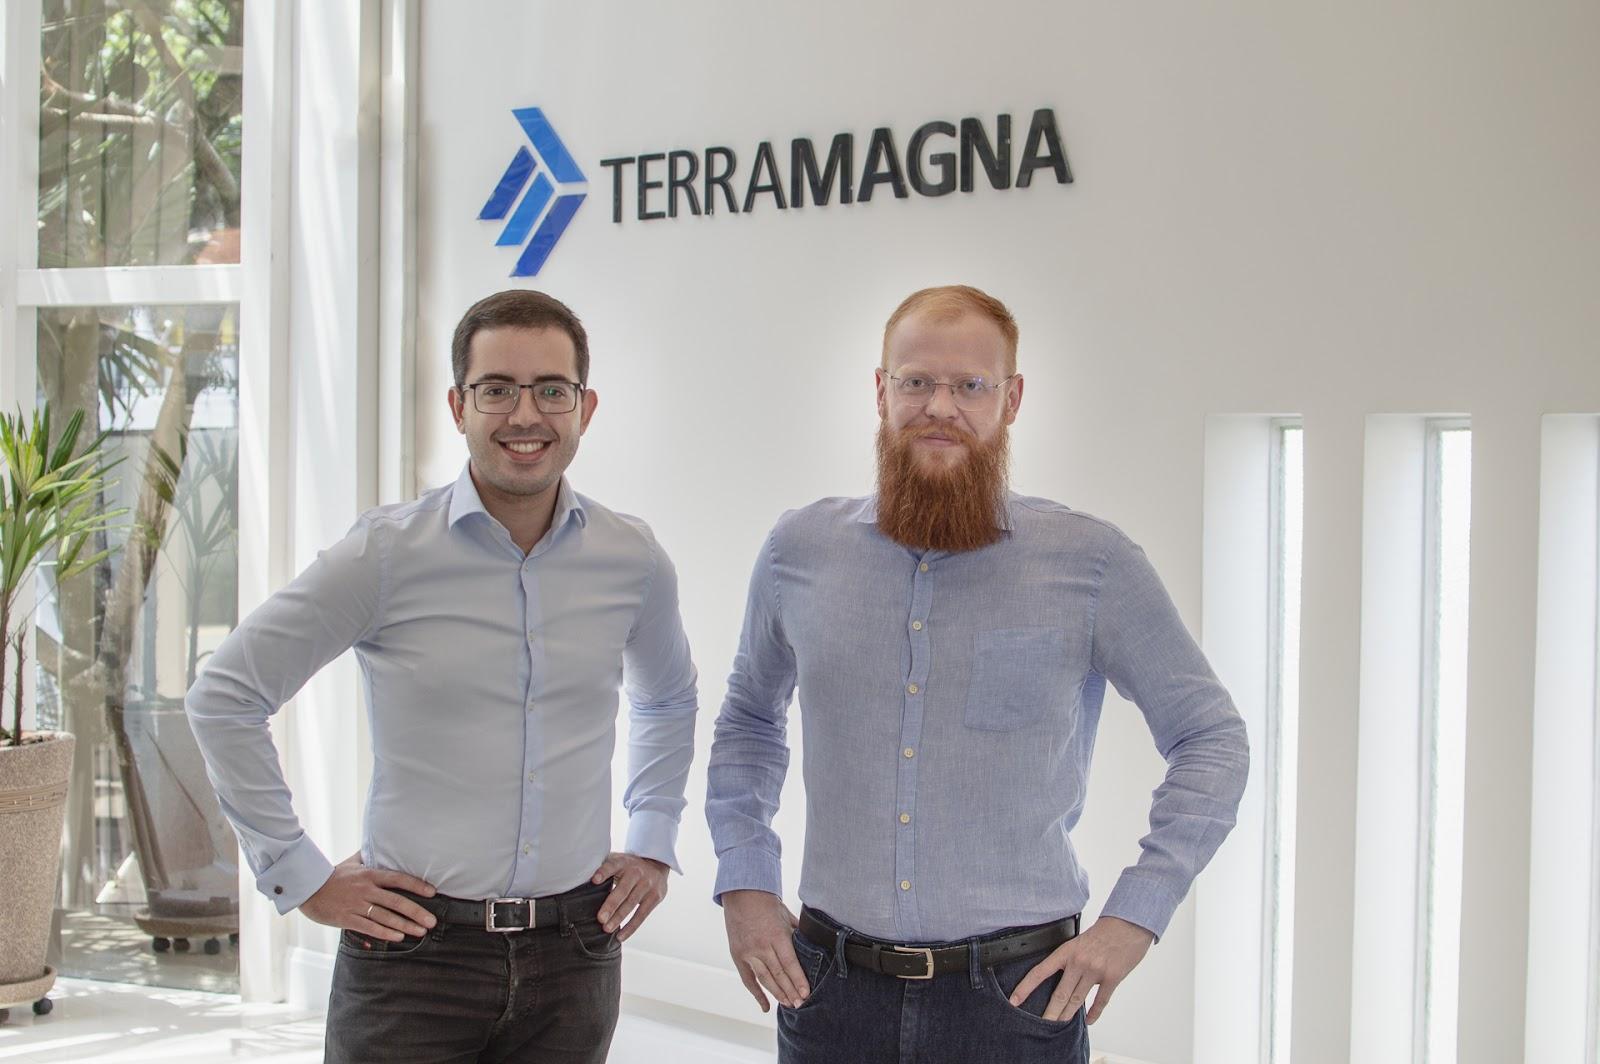 Rodrigo Marques e Bernardo Fabiani, executivos da TerraMagna, esperam oferecer até R$ 500 milhões em crédito no ano de 2021 a partir de fundos privados. (Fonte: TerraMagna/Divulgação)